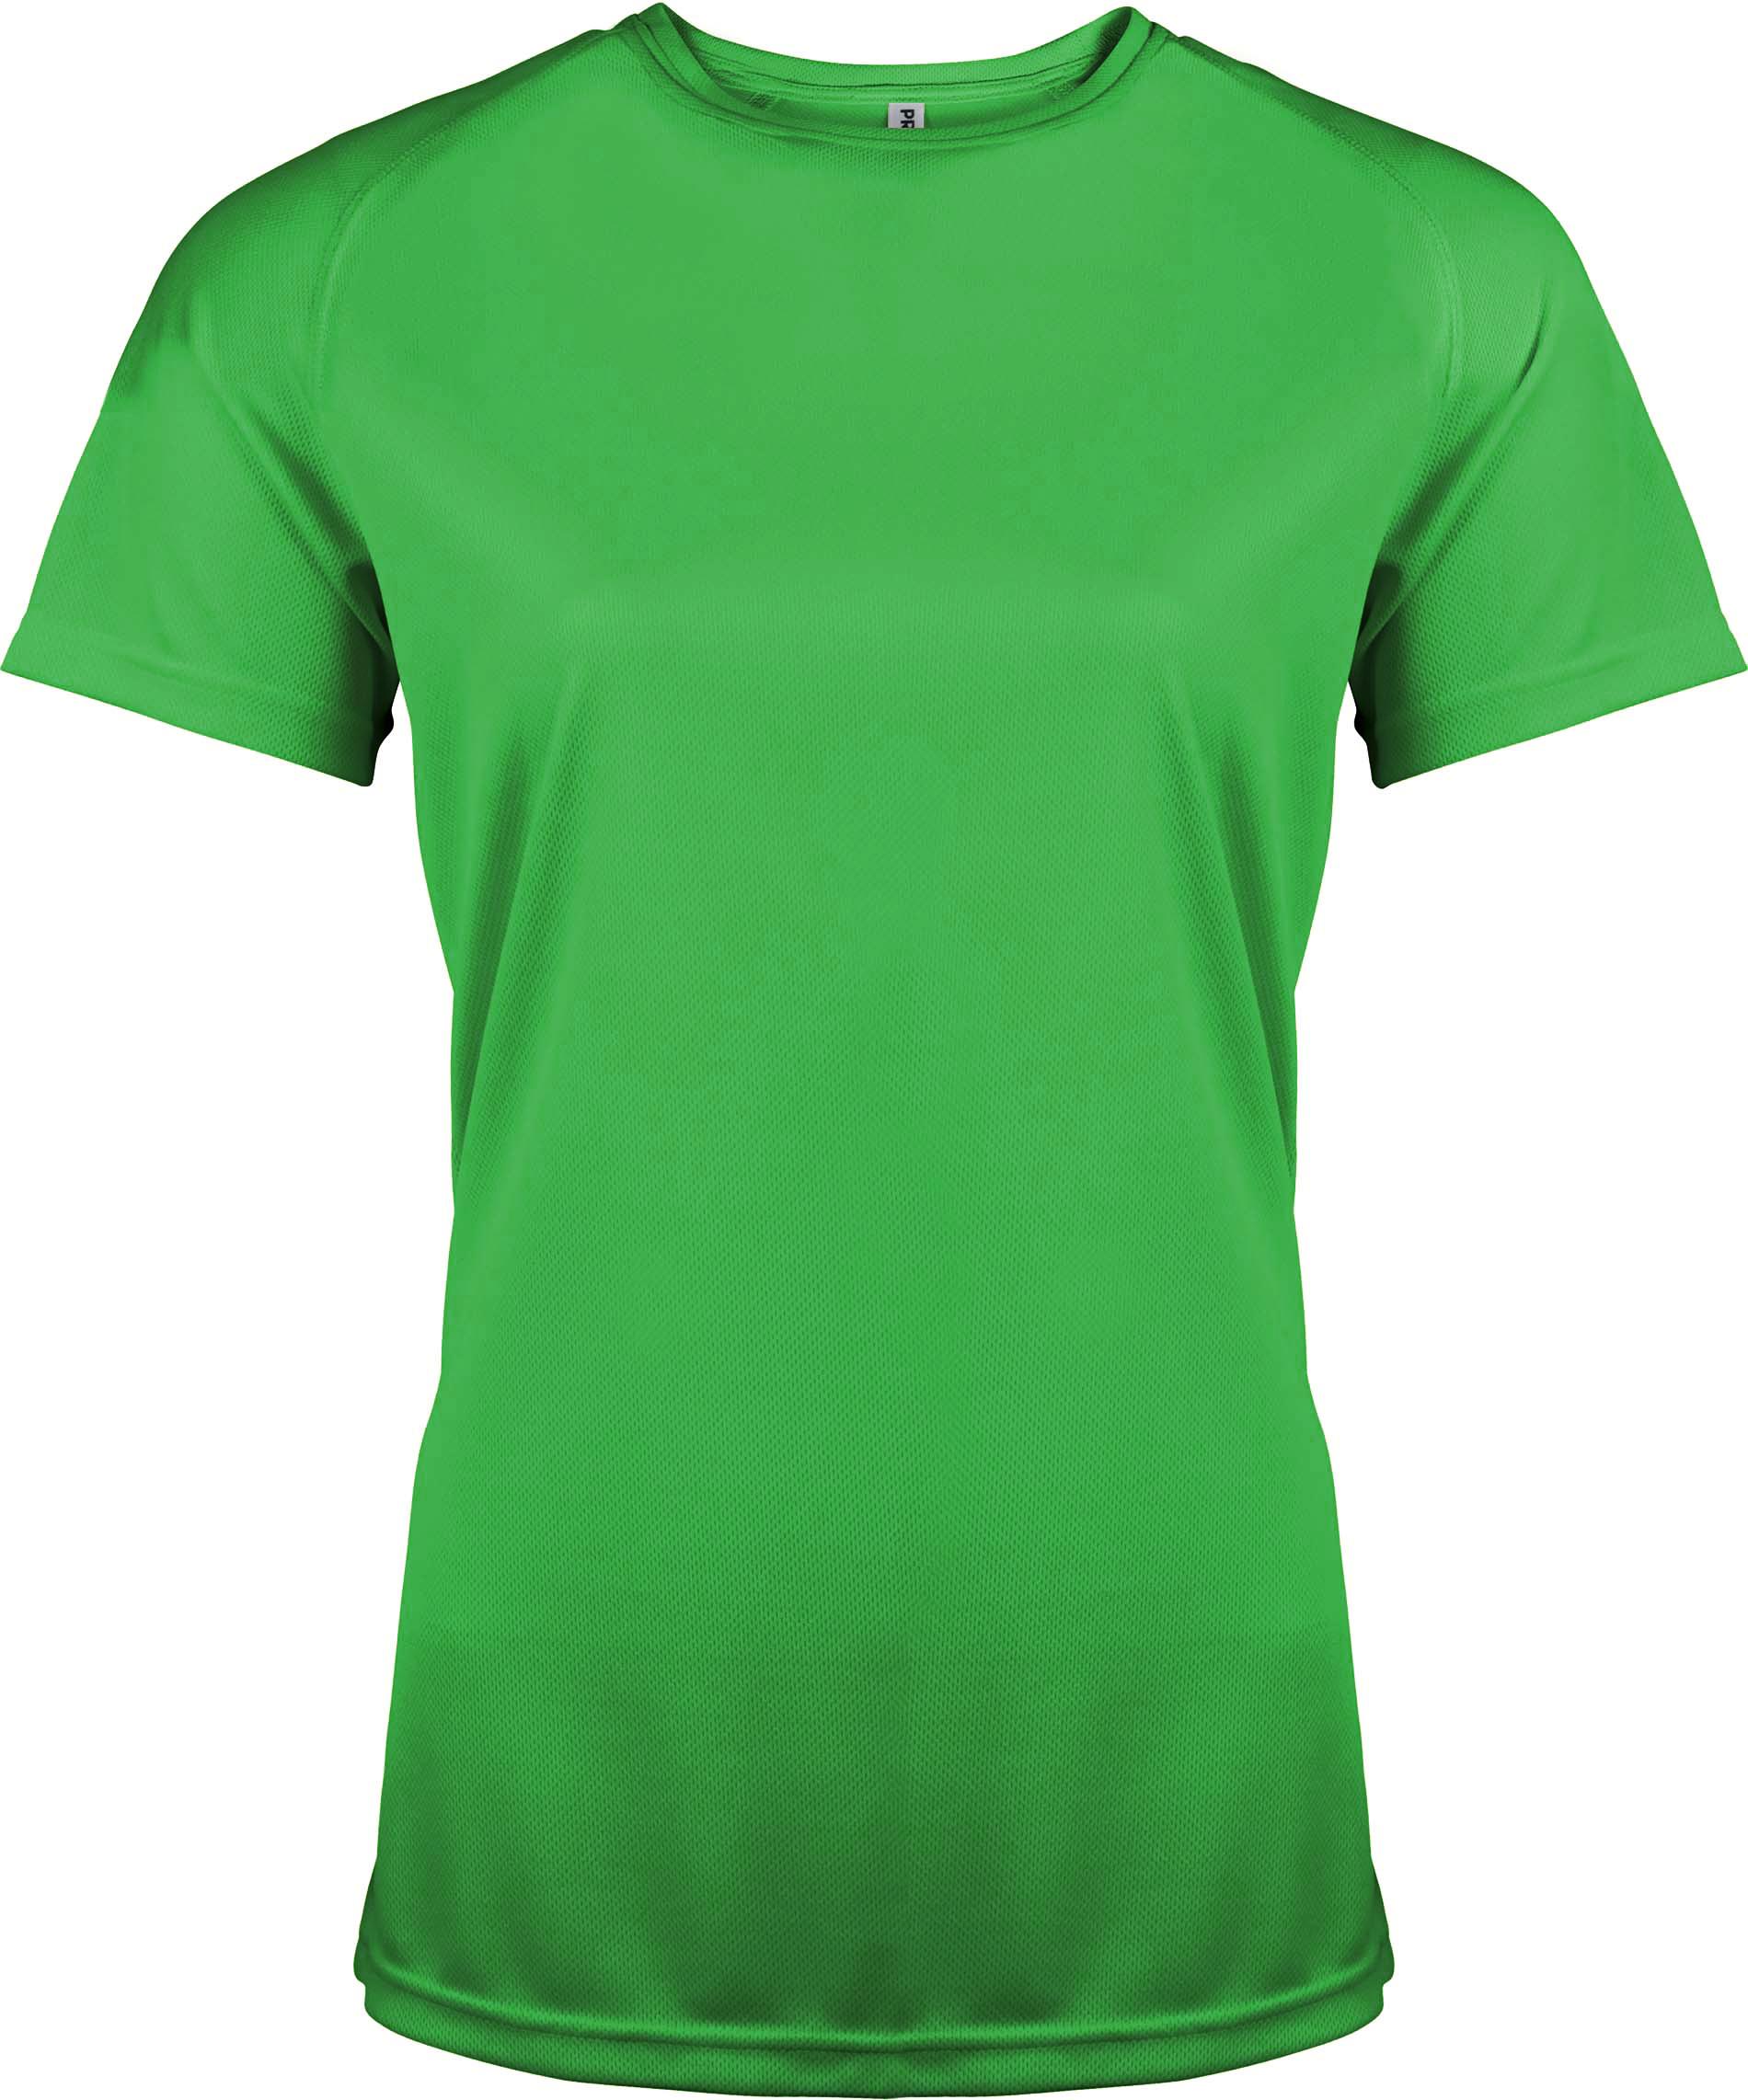 Naisten tekninen T-paita PA439 Kelly Green